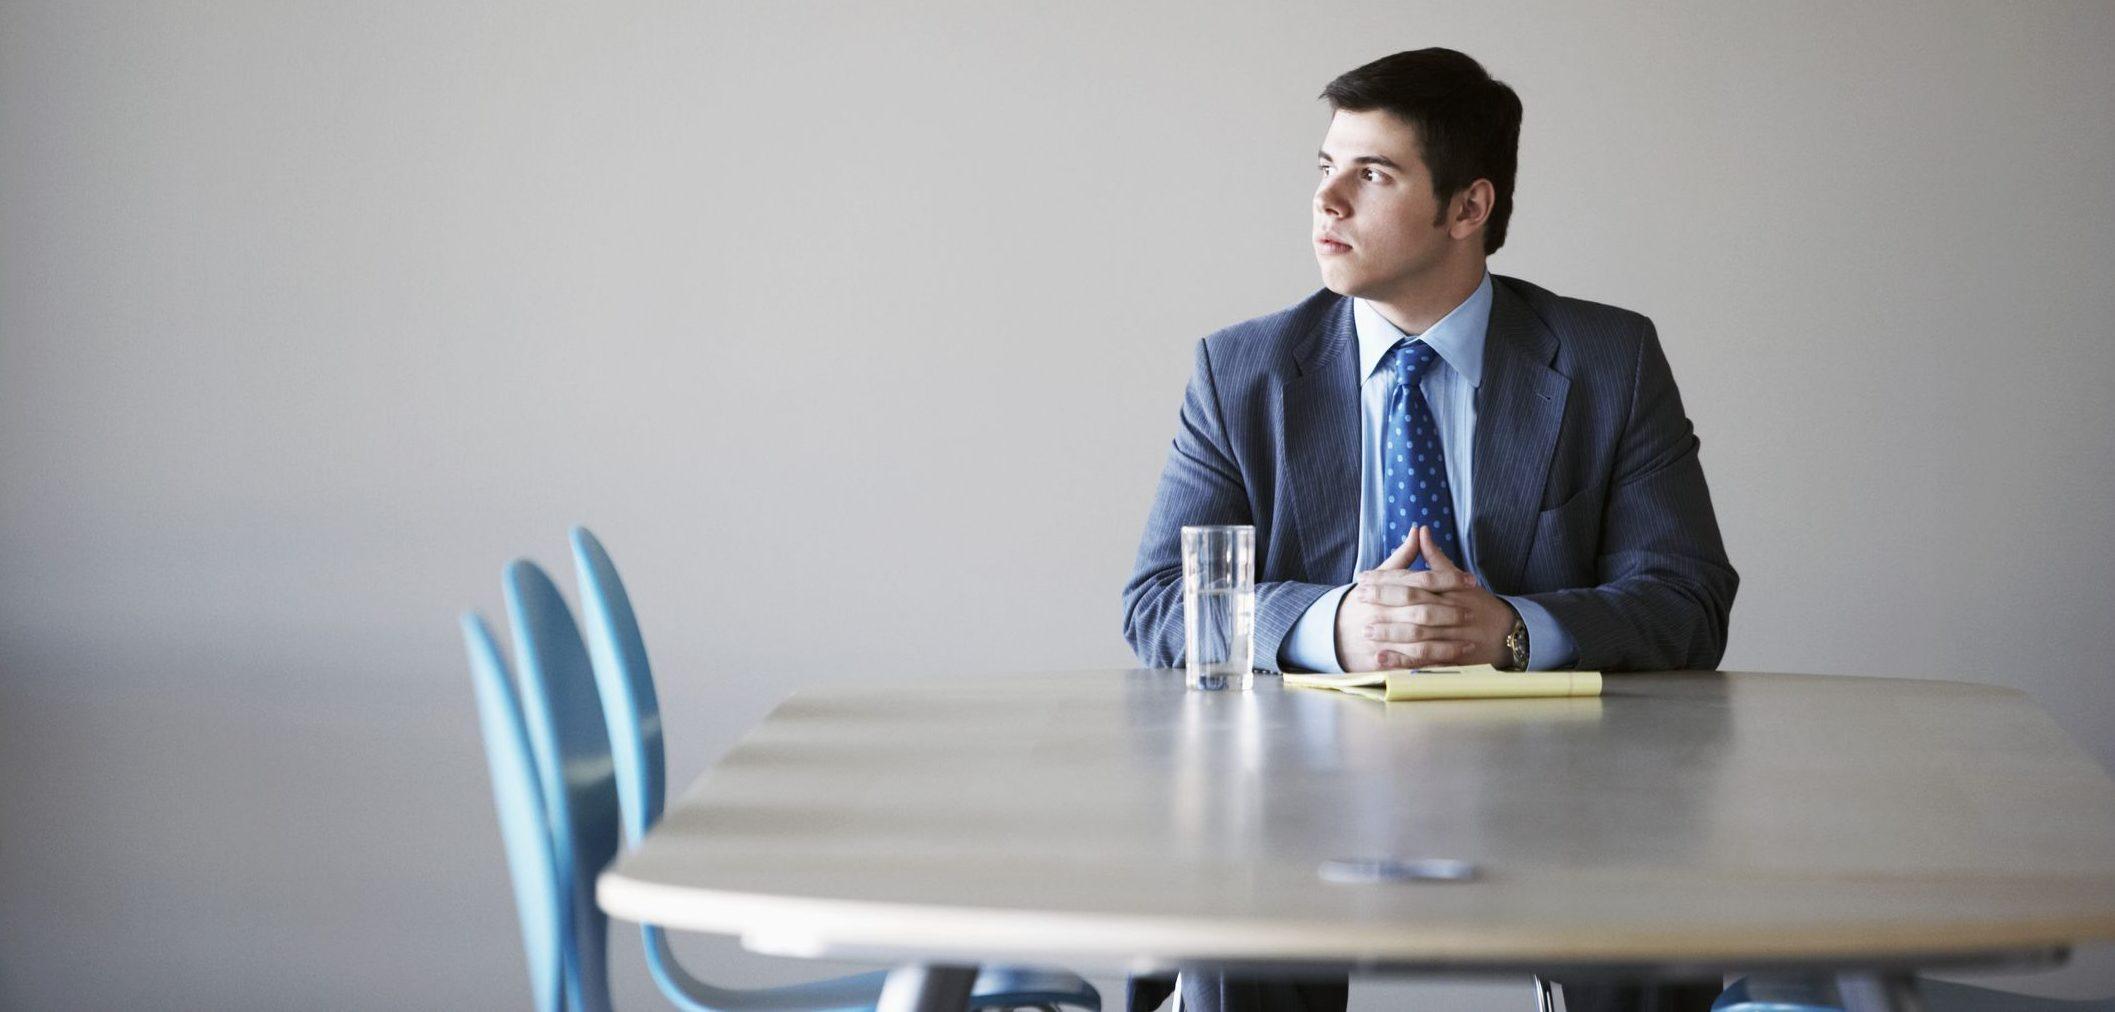 a.job-interview-e1483689788199.jpg